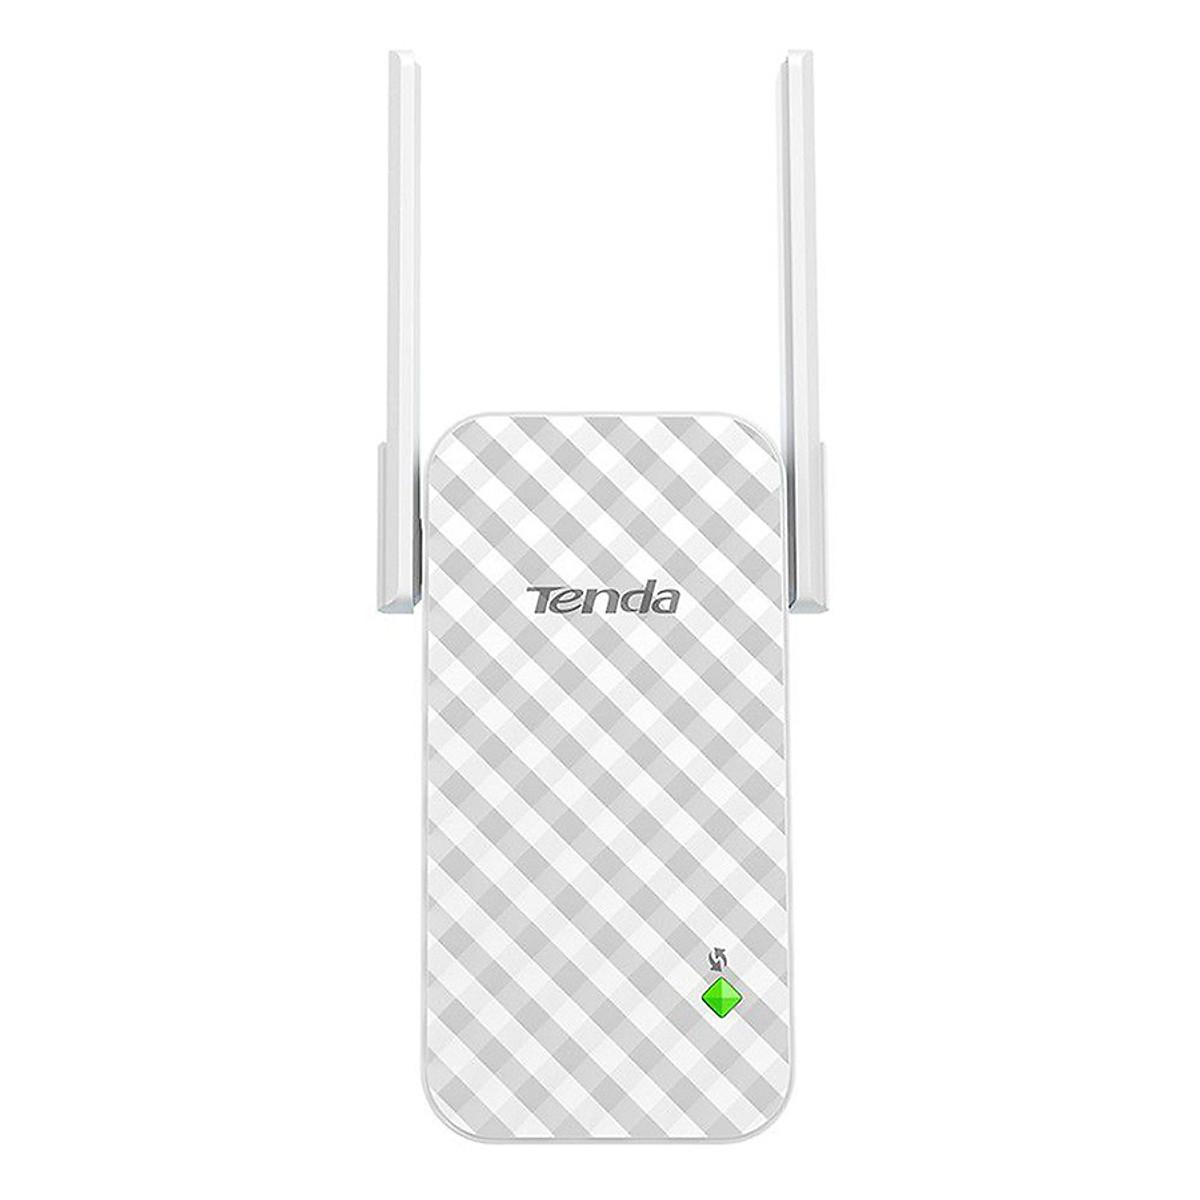 Bộ Kích Sóng Wifi Tenda A9 2.4GHz 300Mbps – Hàng Nhập Khẩu